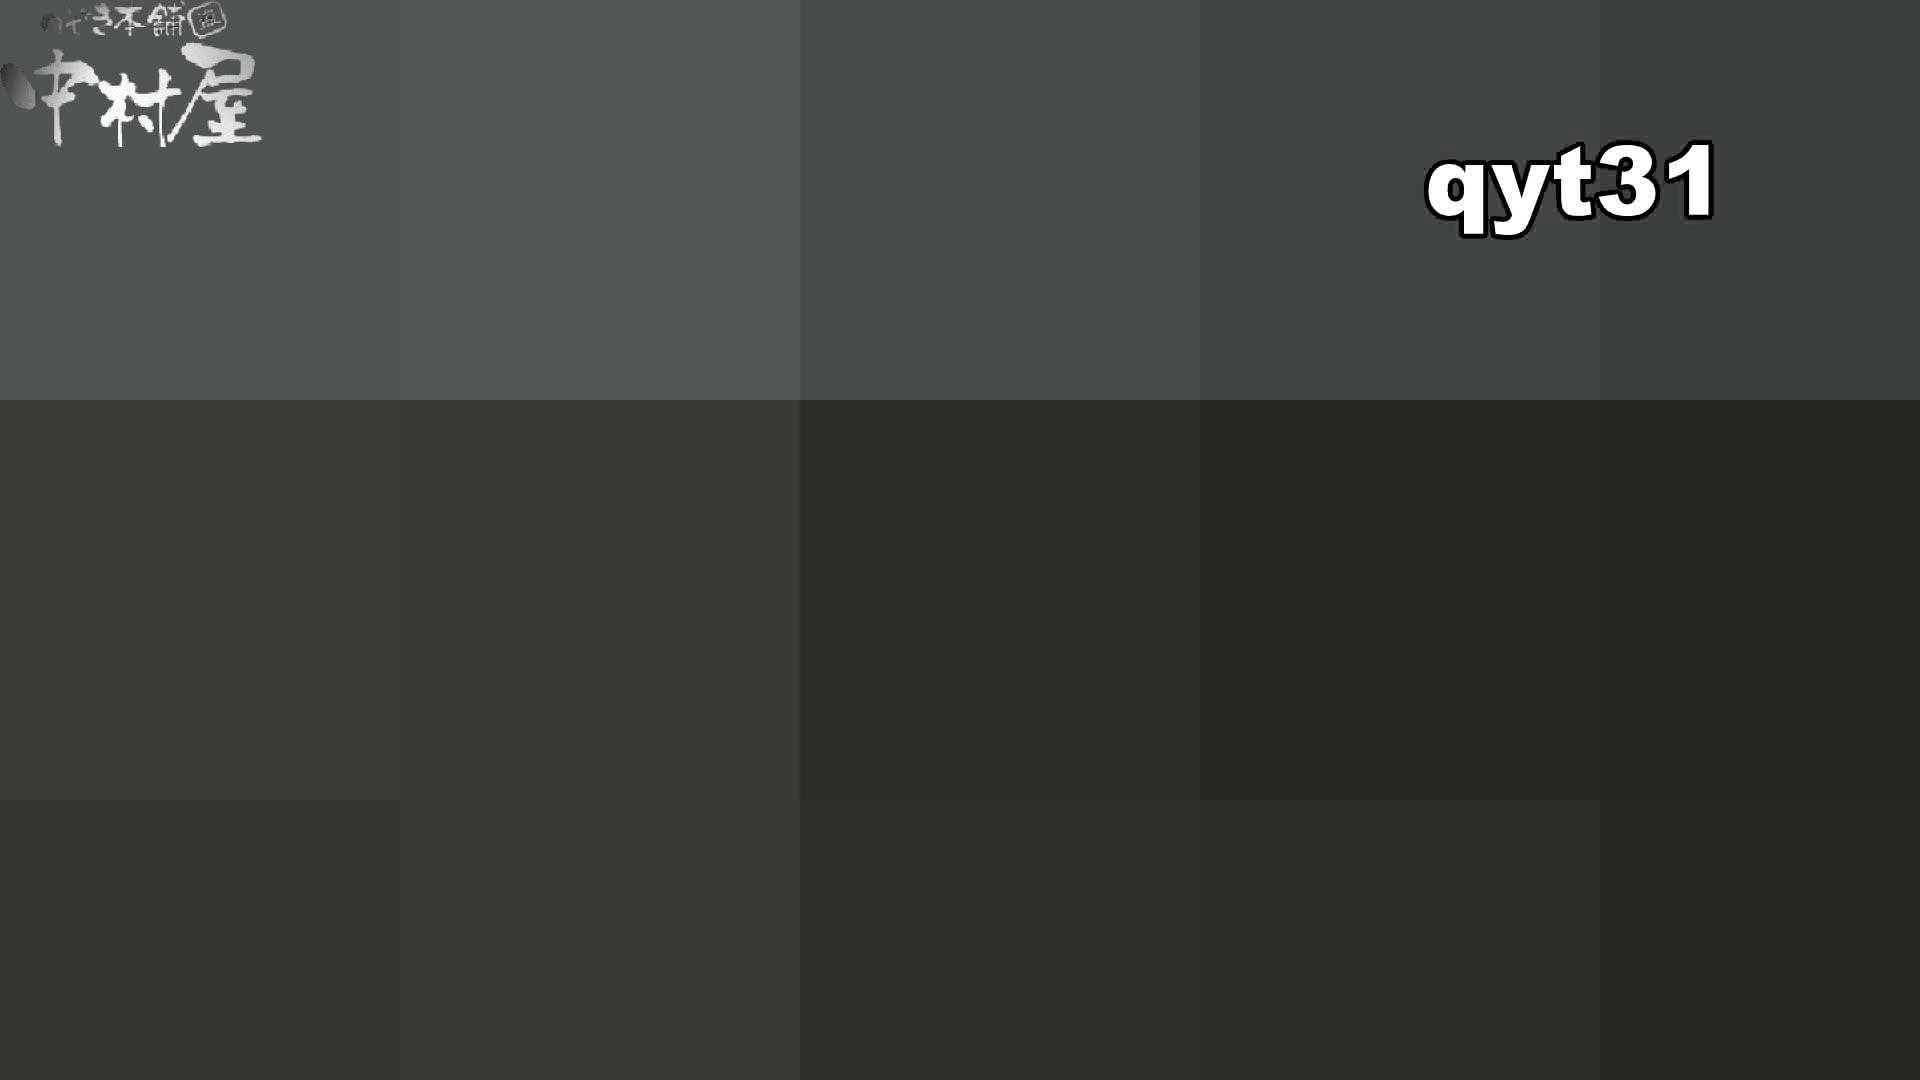 【お銀さんの「洗面所突入レポート!!」】お銀さんの「洗面所突入レポート!!」 vol.31 Σ(||゚Д゚)ヒィ~!! OLセックス  66画像 58